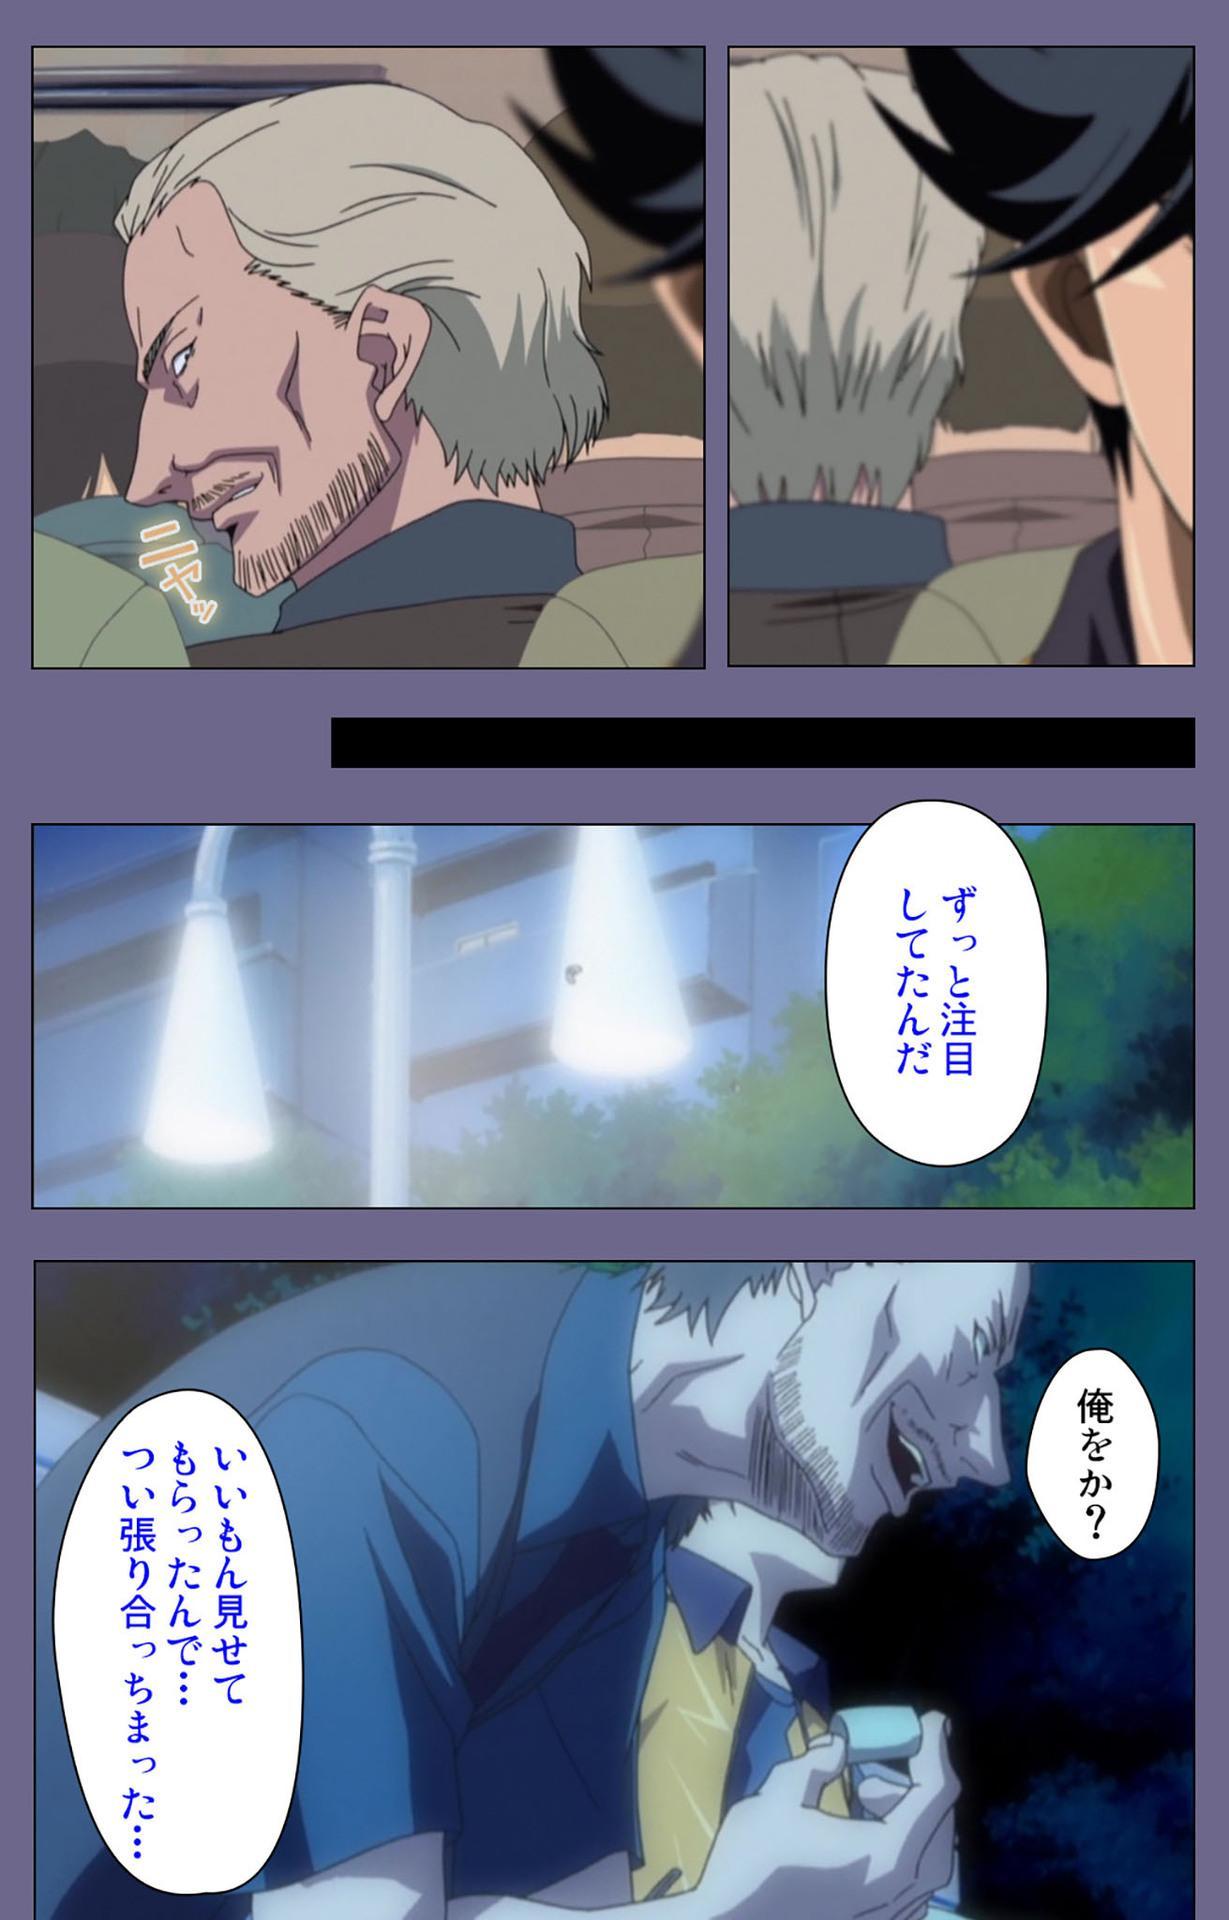 Itazura kanzenhan 81